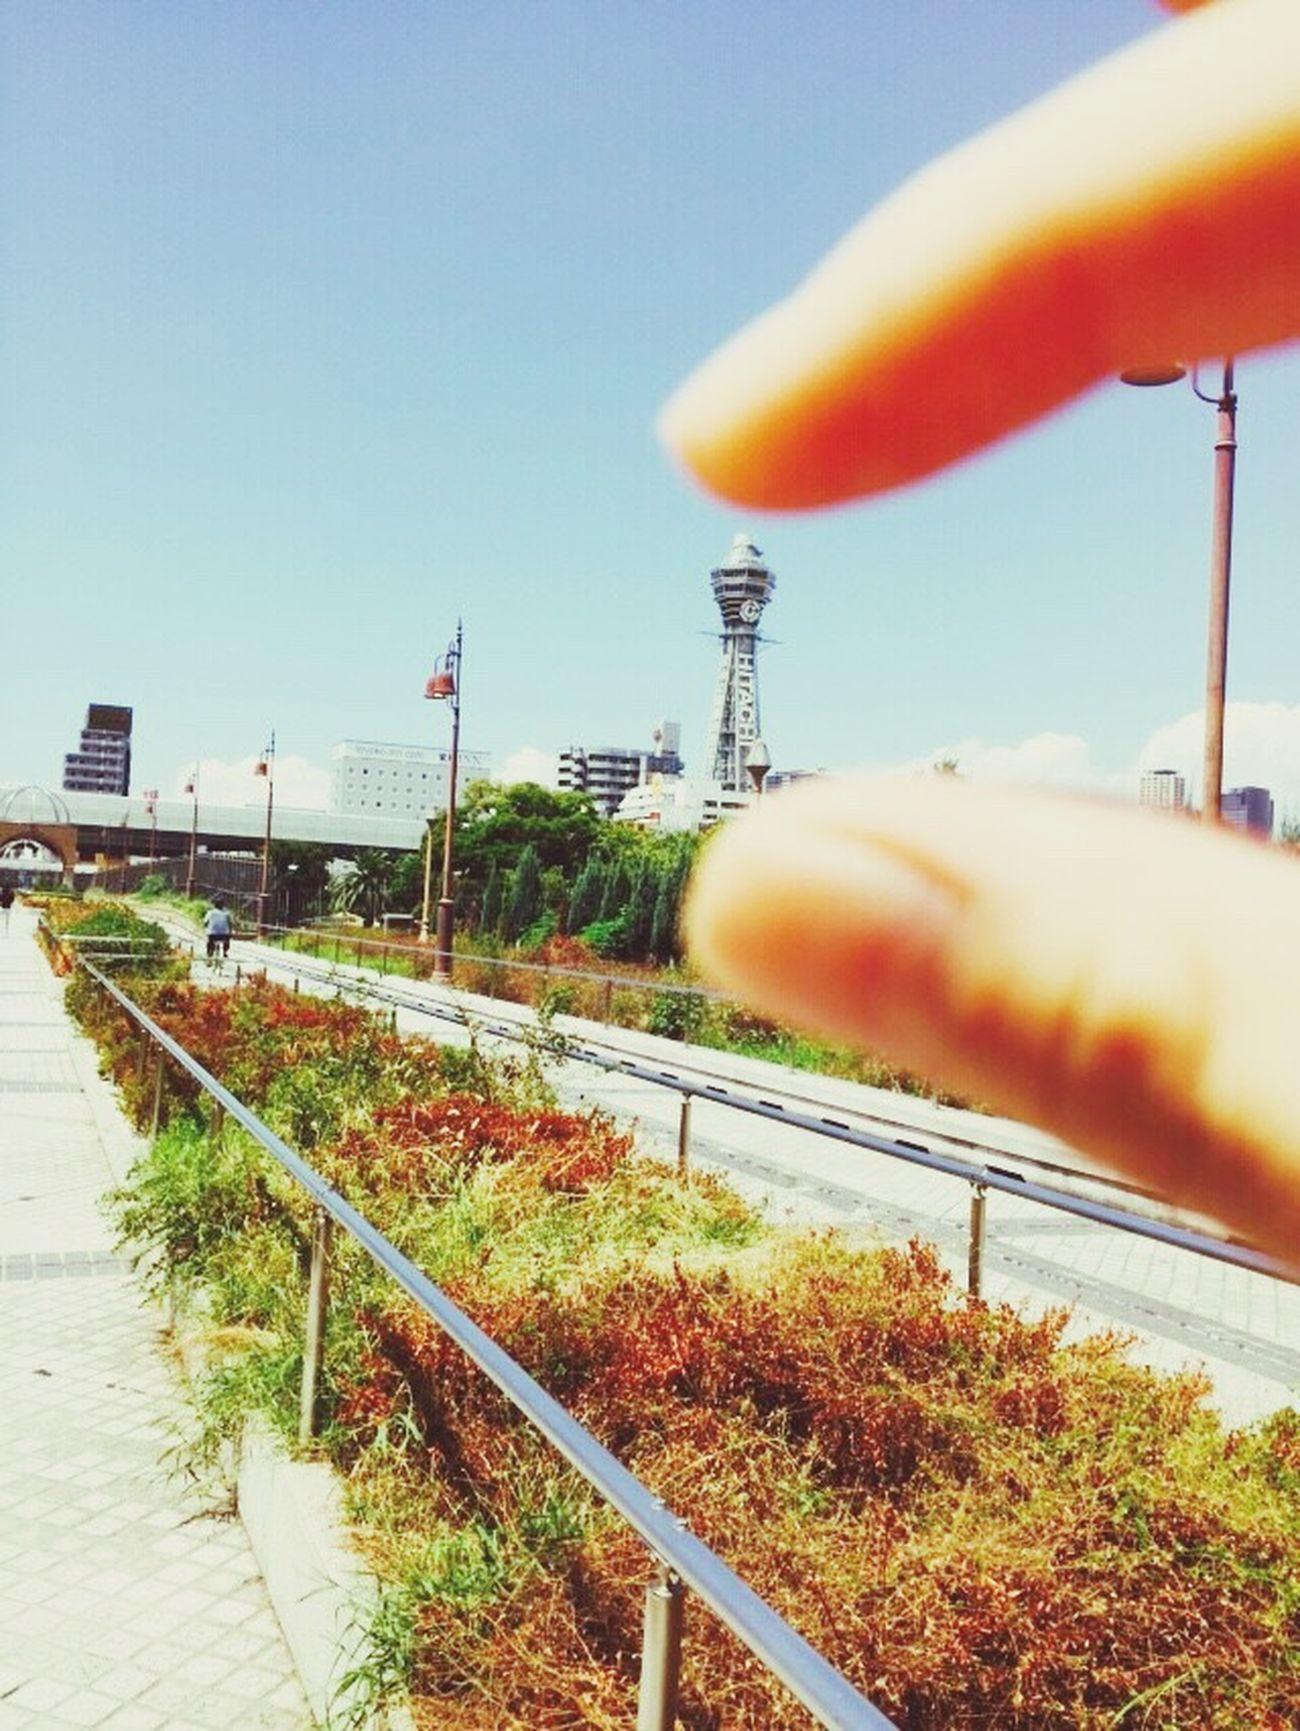 ミニミニサイズ笑 View Taking Photos Enjoying Life Good Times Osaka,Japan 通天閣 Relaxing